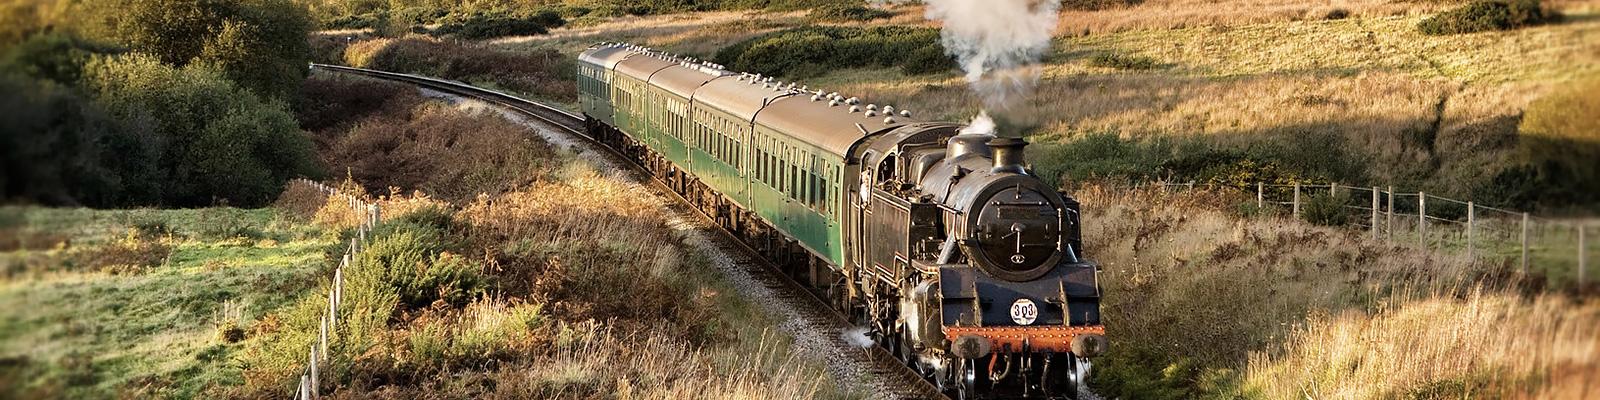 蒸気機関車 イメージ